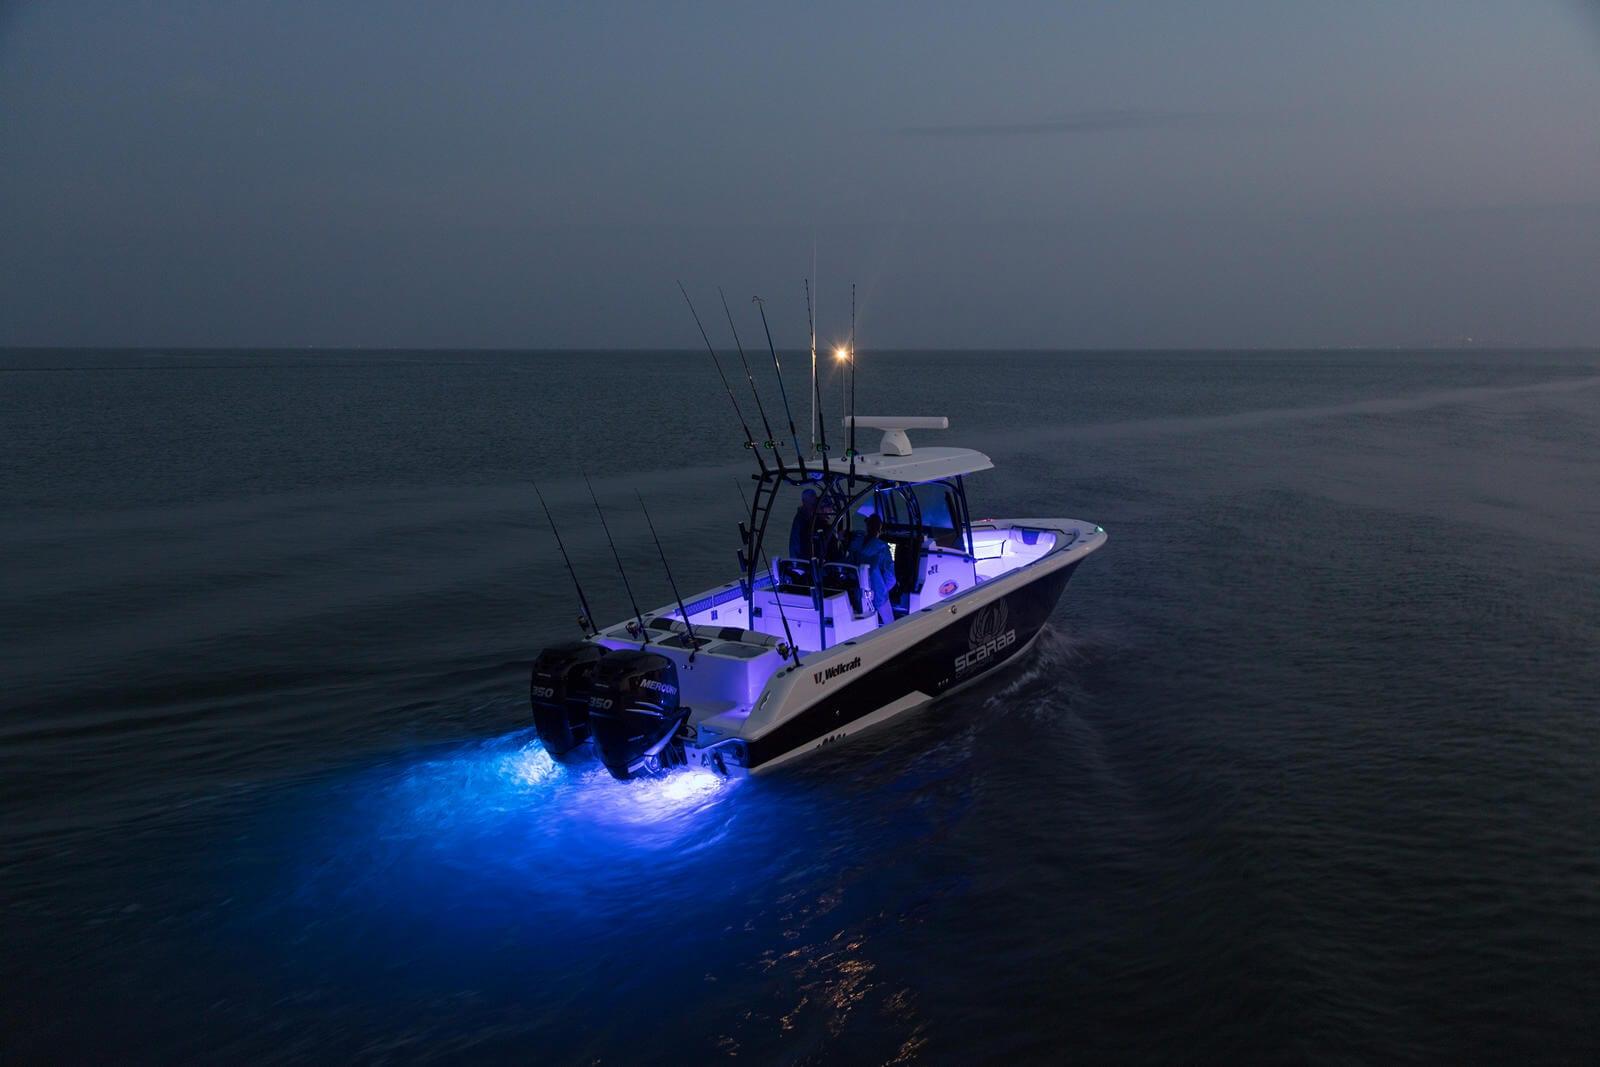 סירת דייג Wellcraft Fisherman 302 - סירת דייג Wellcraft Fisherman 302 - סטרים יאכטות